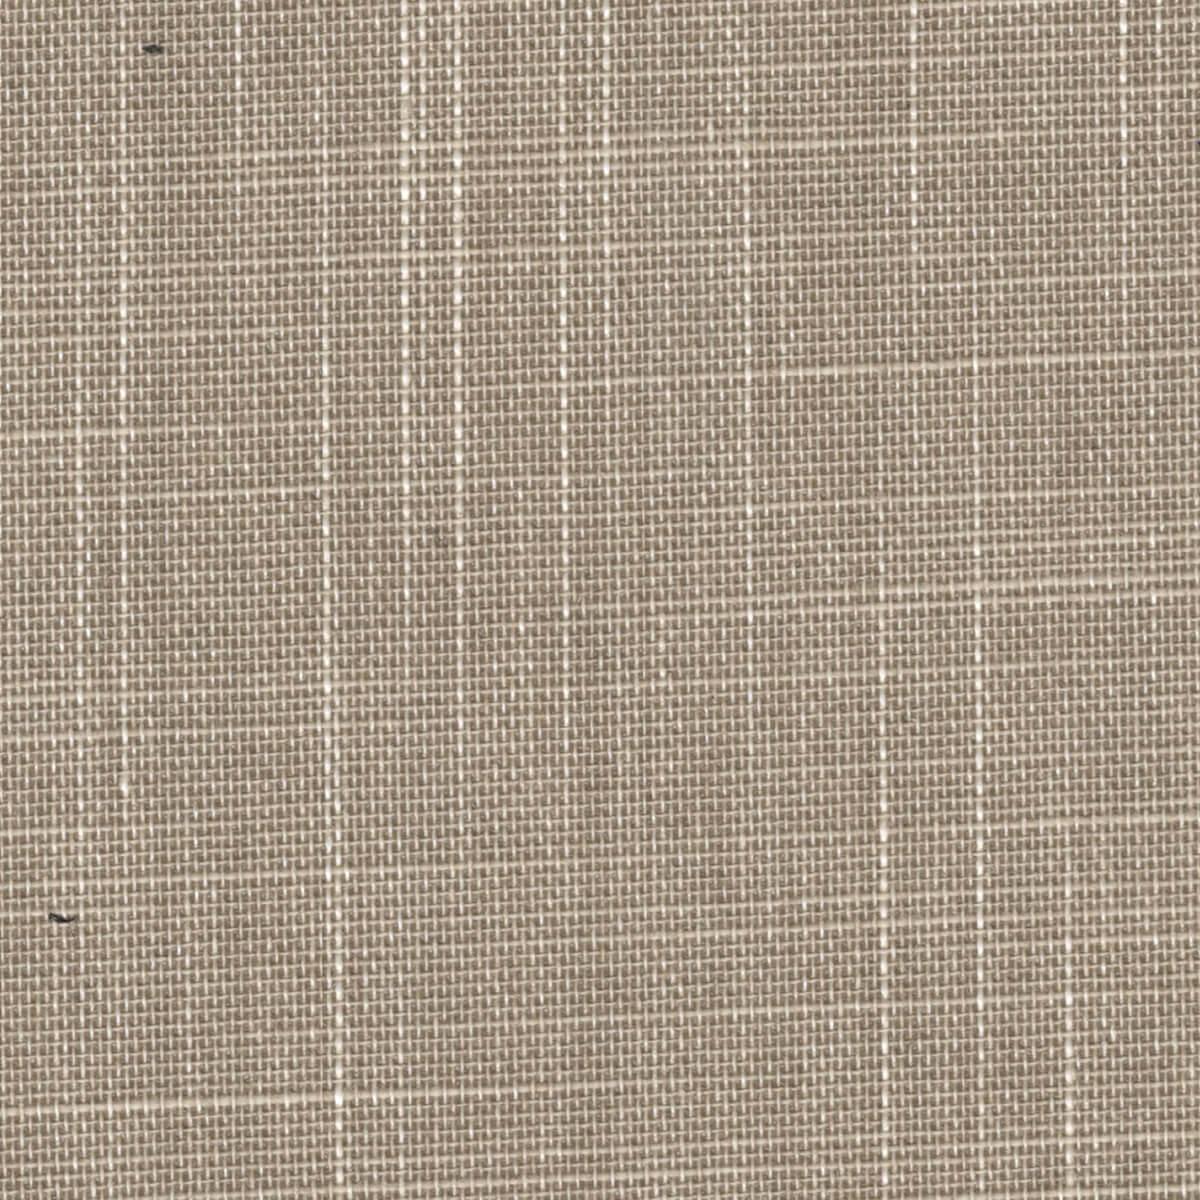 پرده شید با سبک مدرن | جنس پلی استر | کد VSH24| گروه وراتی